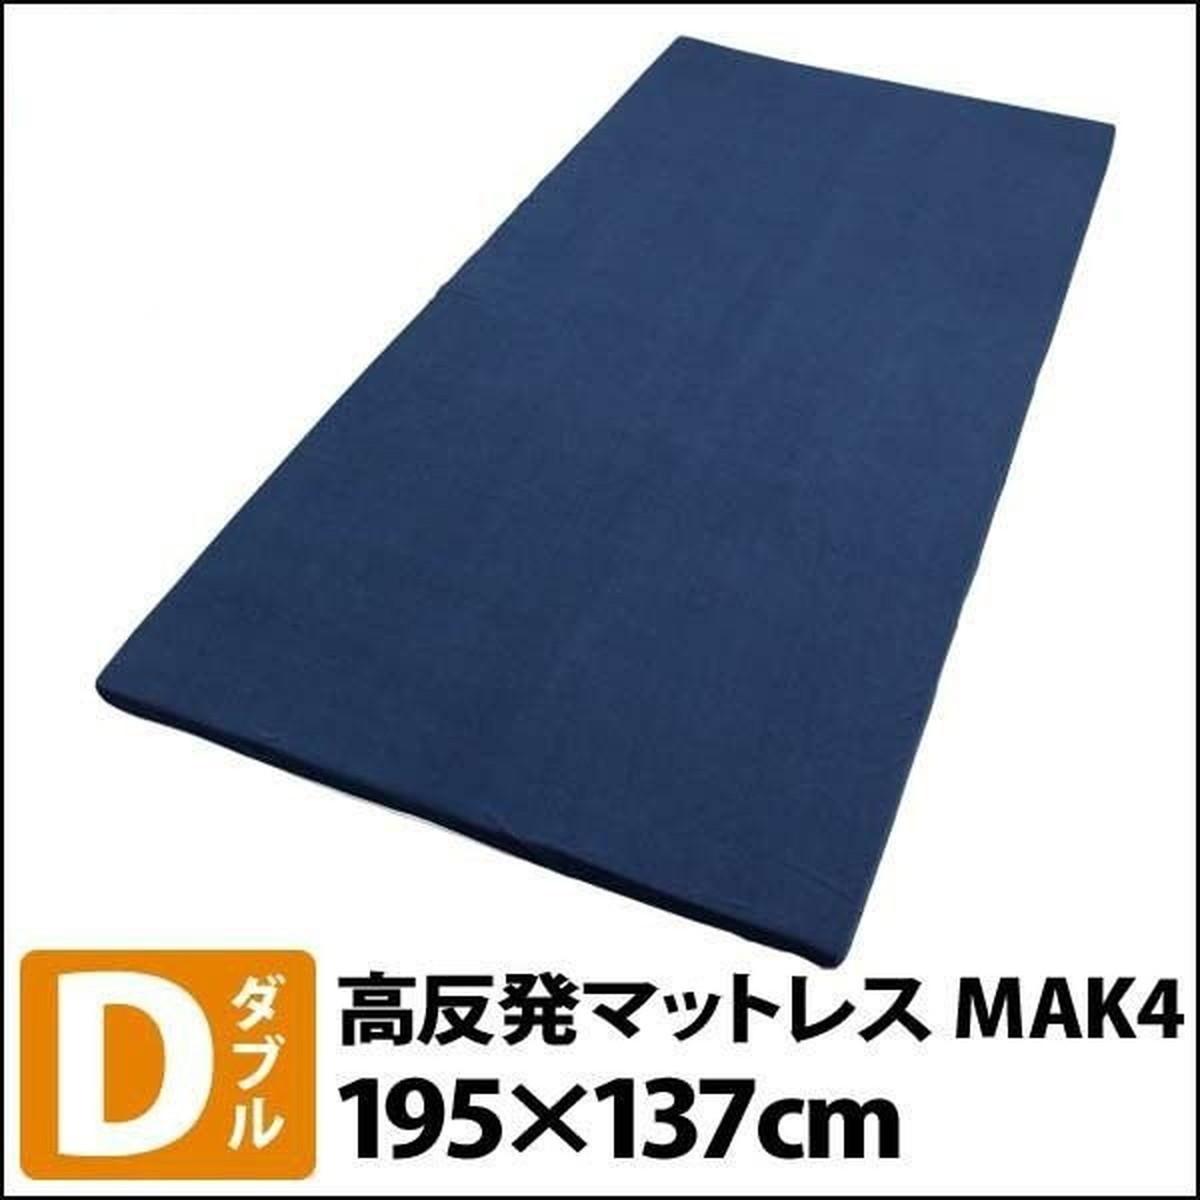 アイリスオーヤマ 高反発マットレス MAK4-D ネイビー【クーポン配布中】